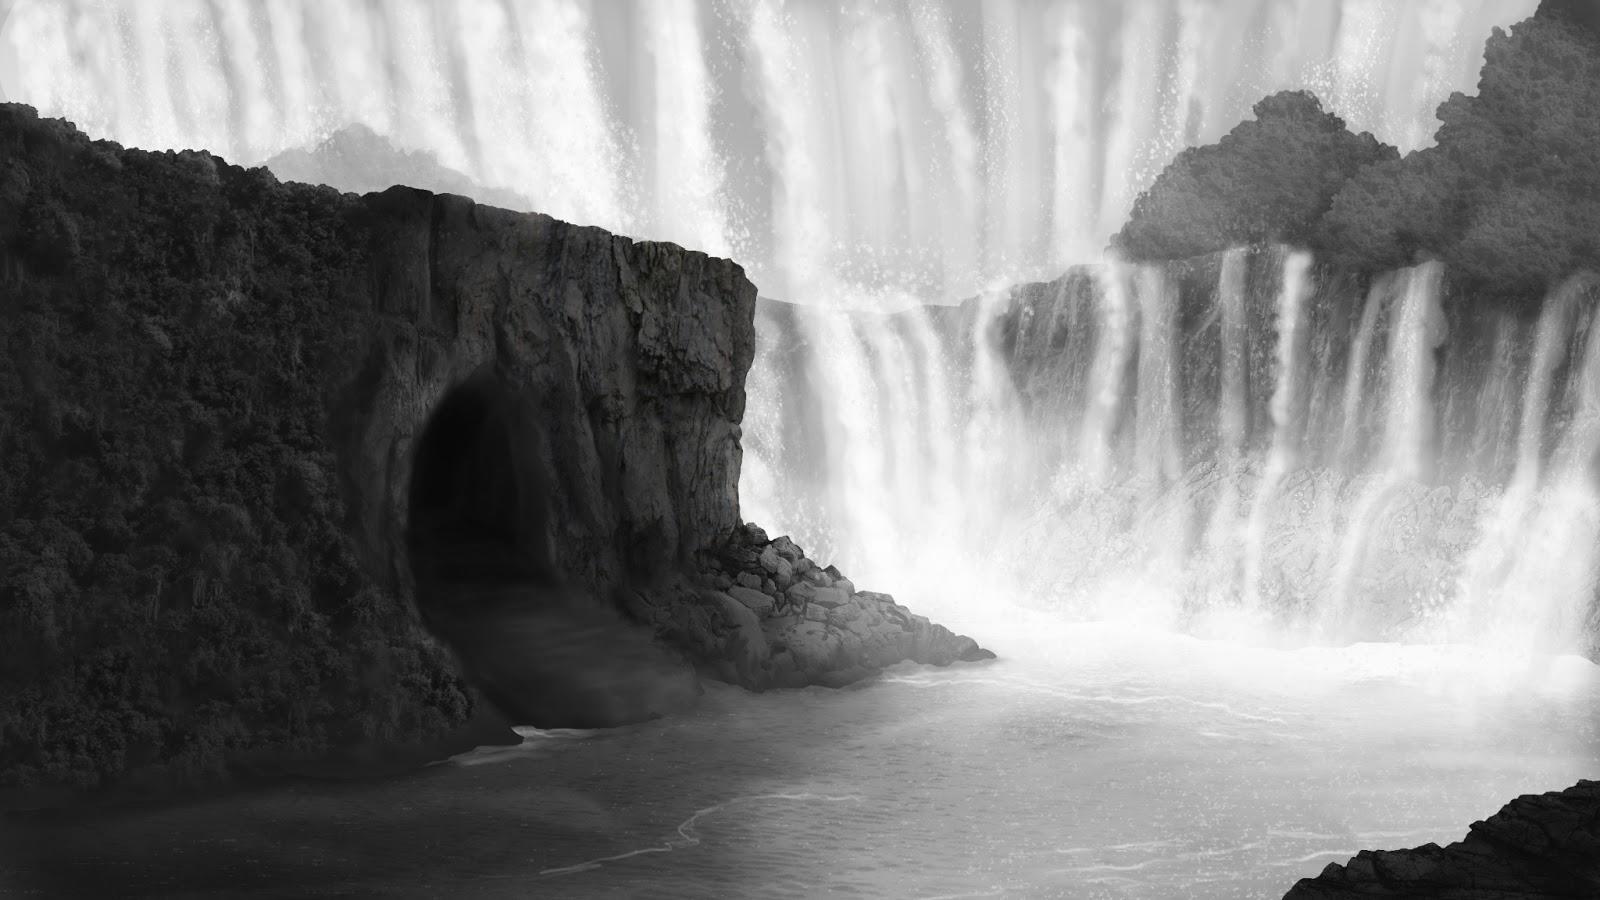 Mini monster mill environment design waterfalls concept for Waterfall environment